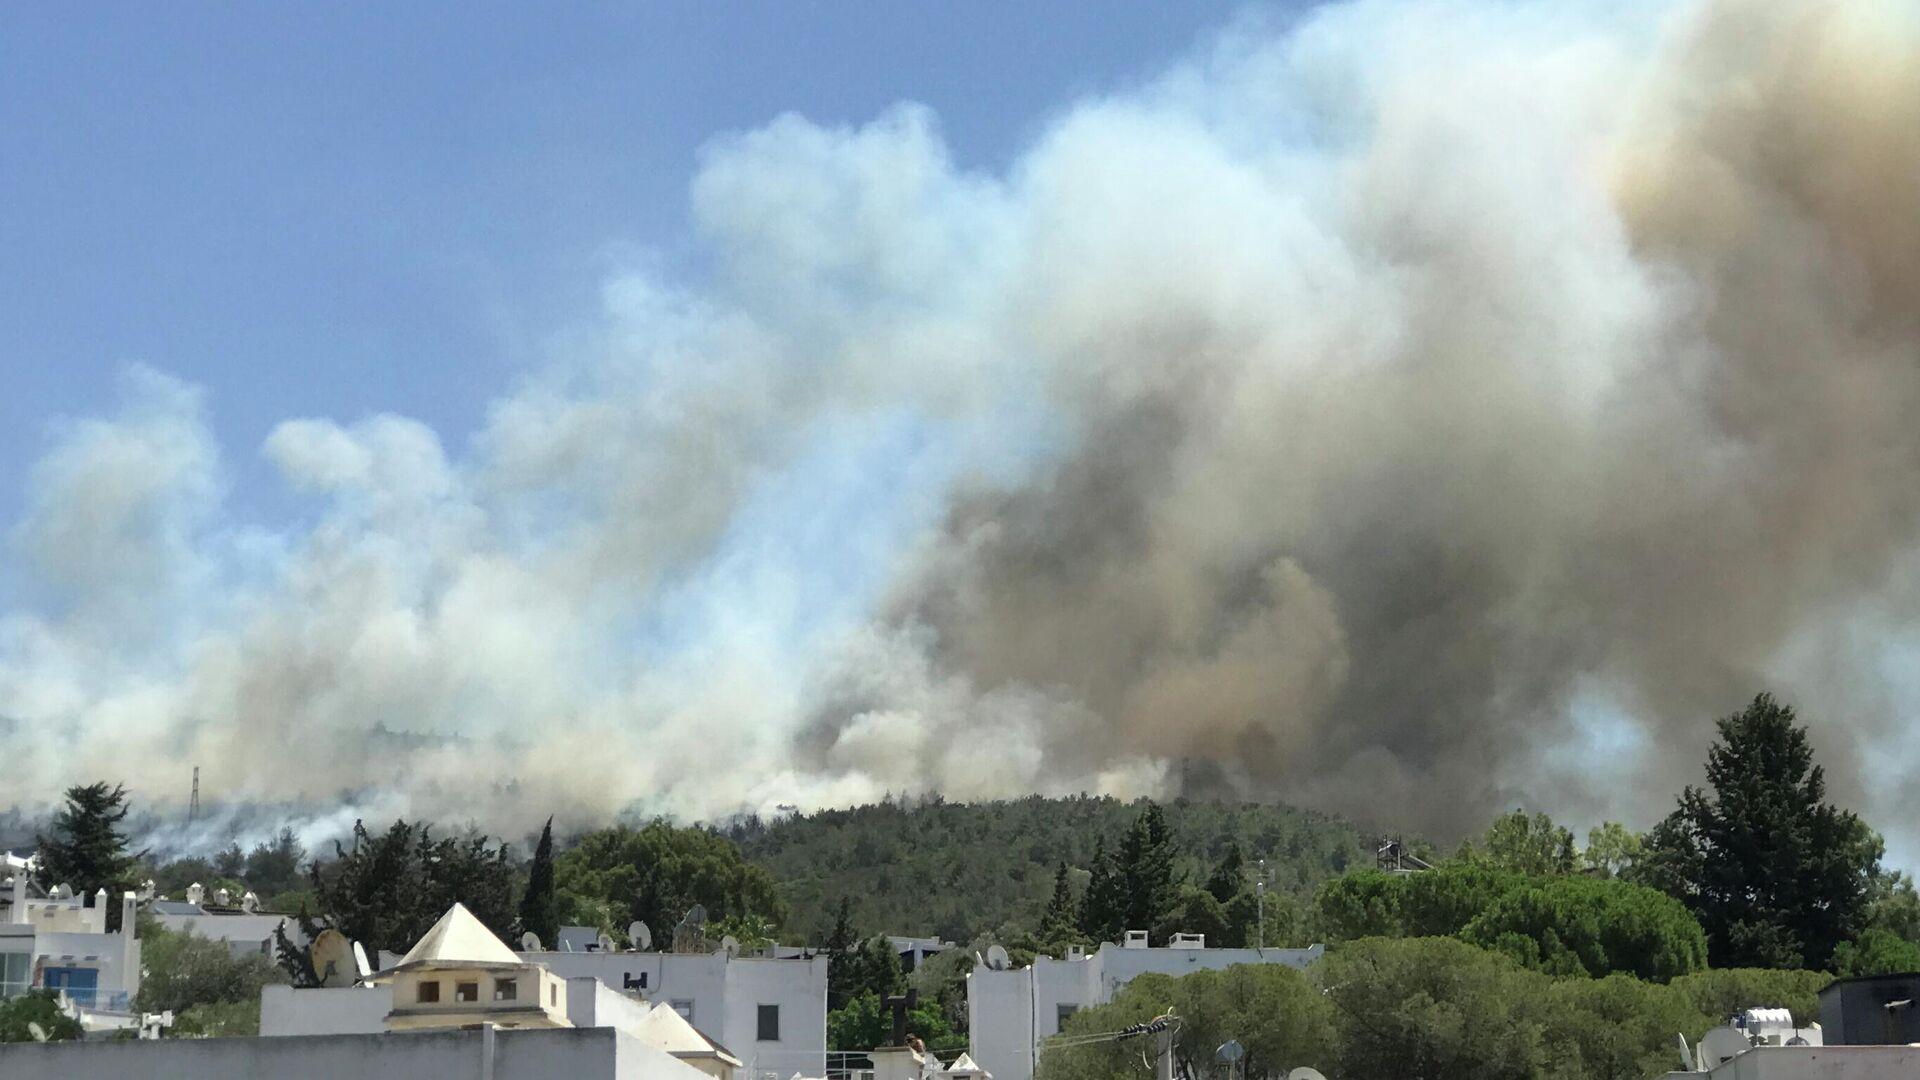 Дым от лесного пожара поднимается возле жилого района на курорте Бодрум, Турция - РИА Новости, 1920, 02.08.2021